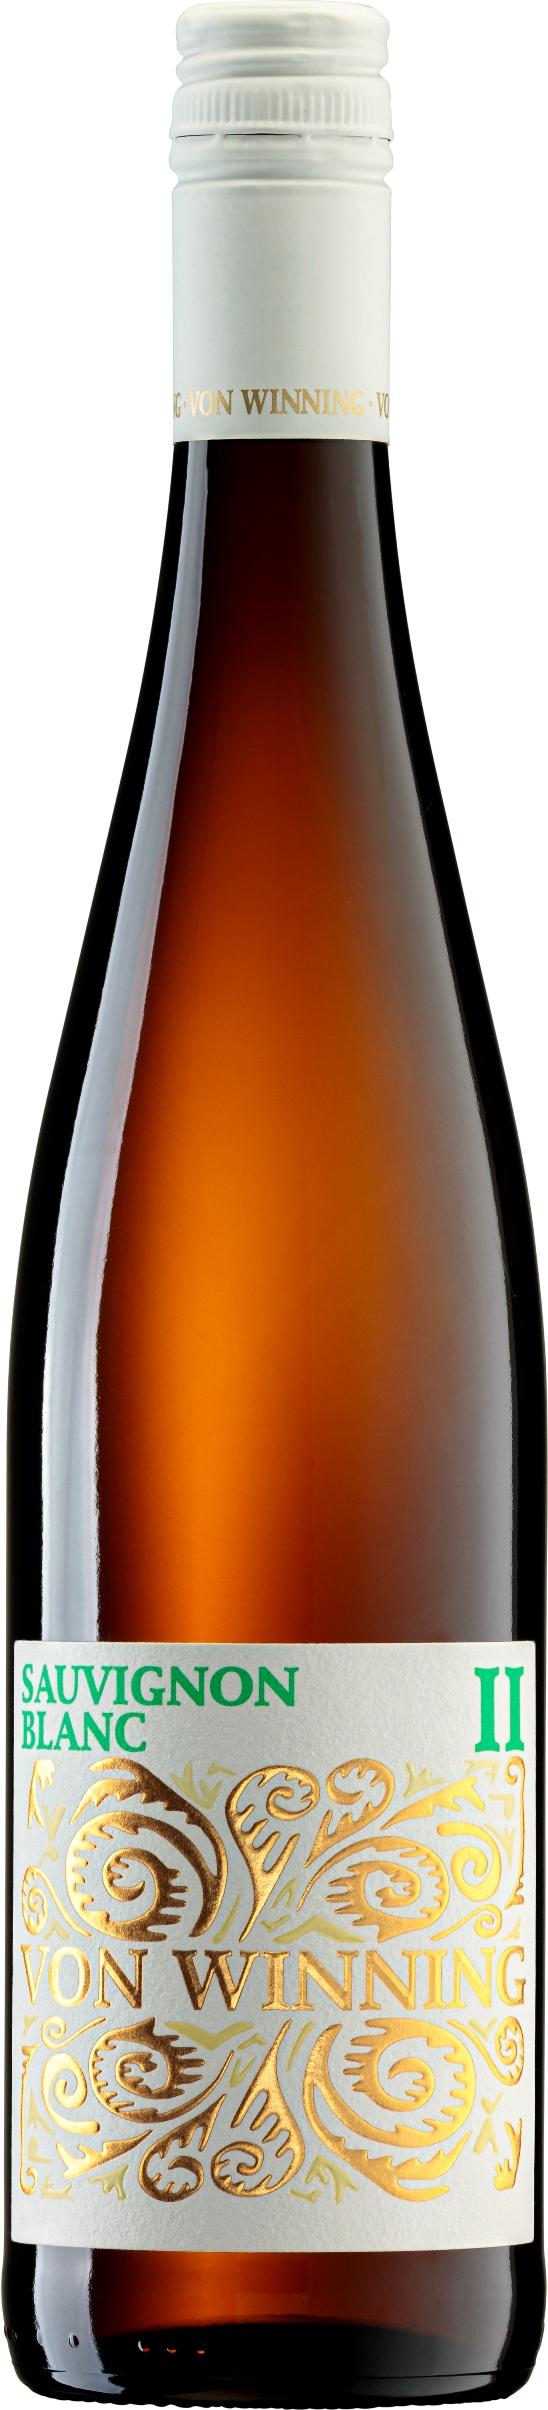 2018 Sauvignon Blanc II Qualitätswein Magnum